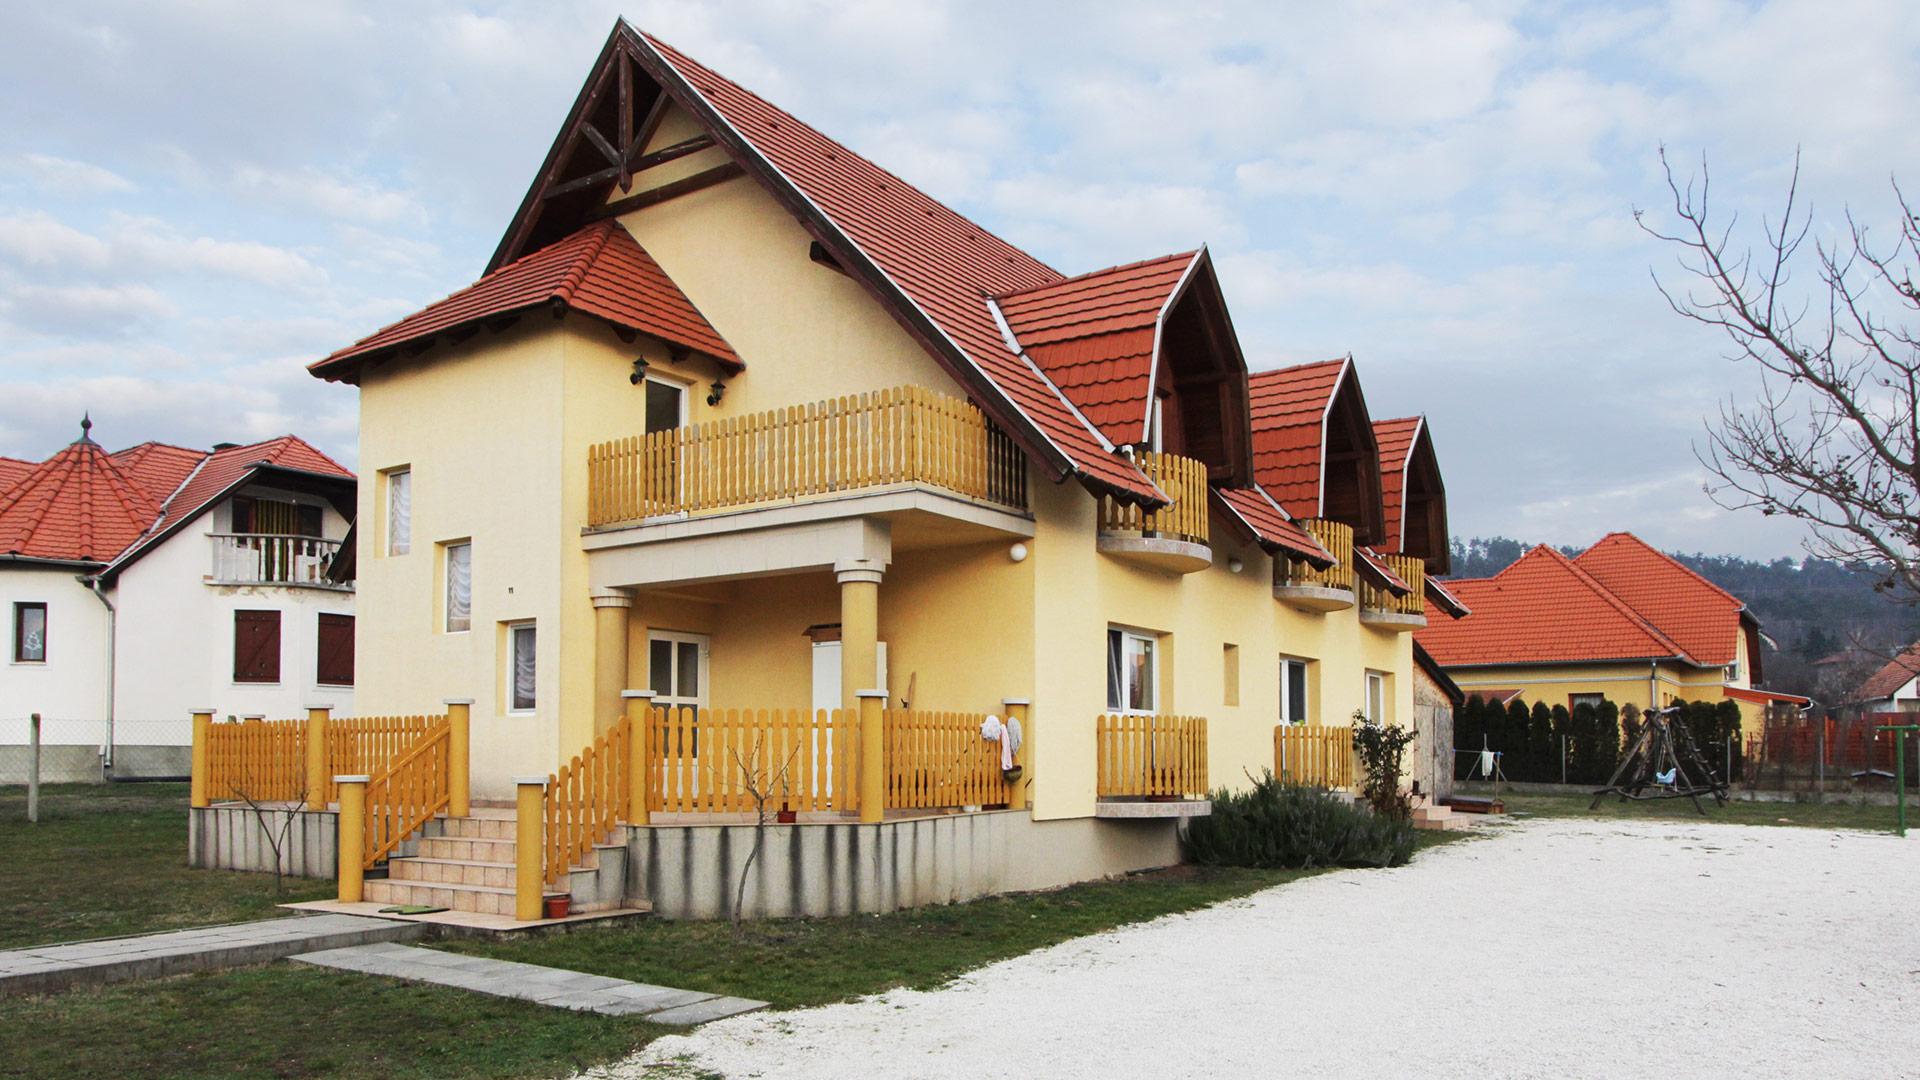 Где дать объявление о продаже дома в венгрии работа в ульяновске свежие вакансии водителя заволжский район